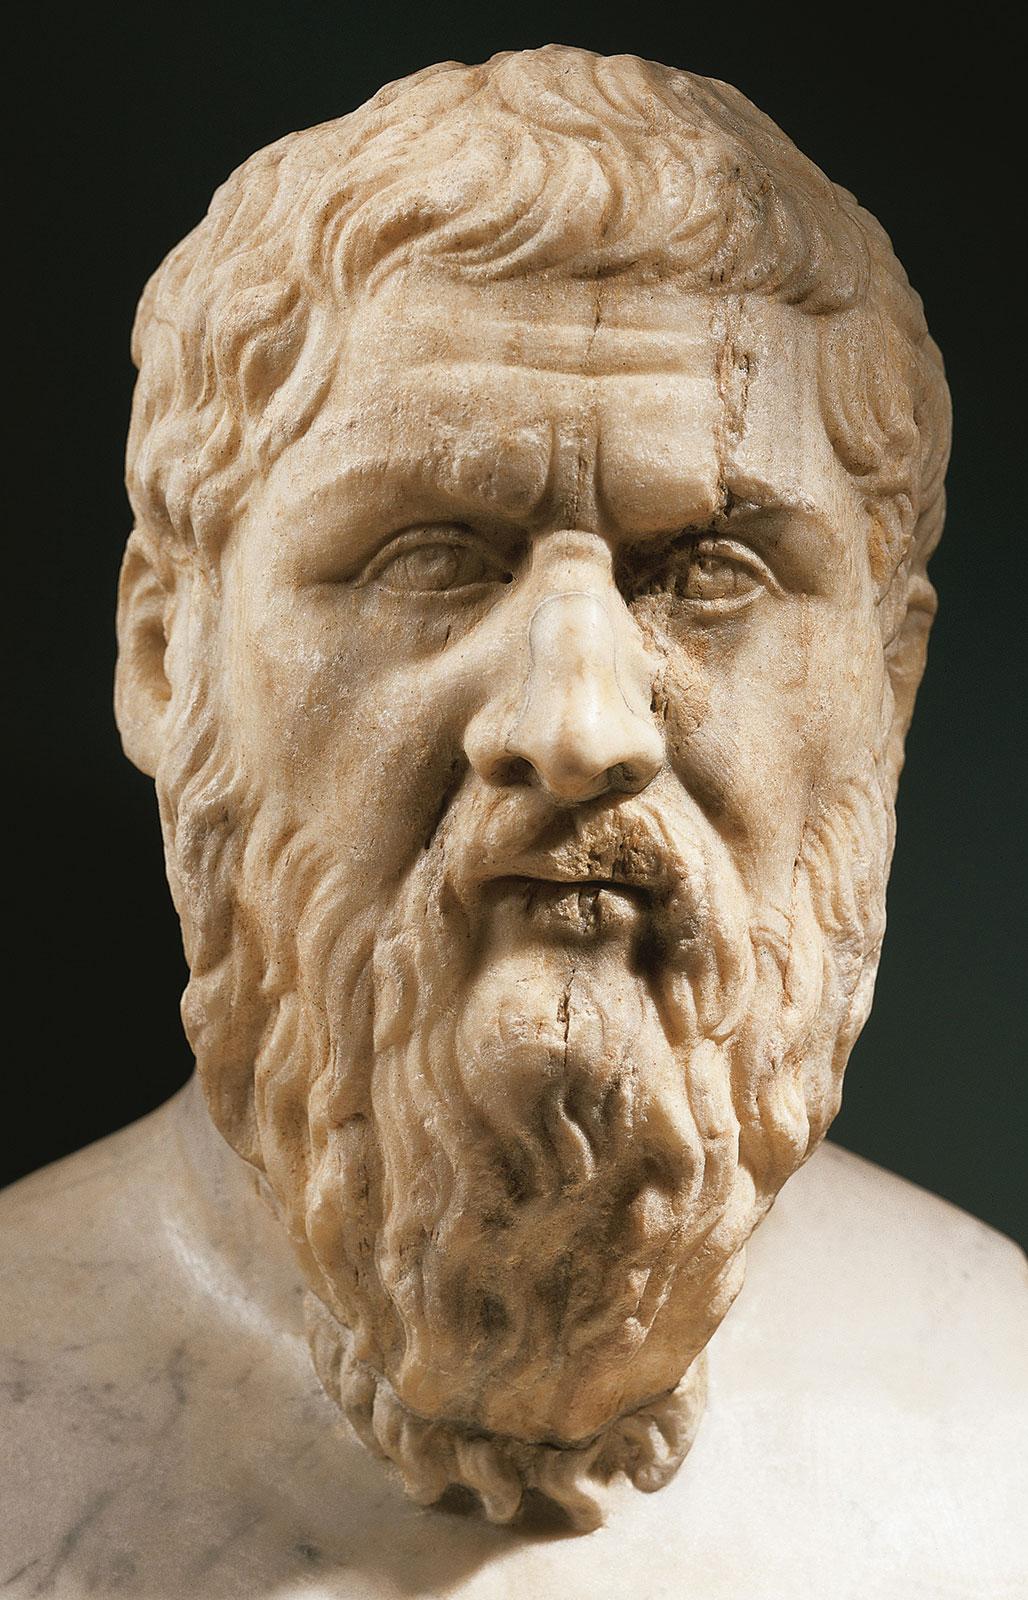 Платон, мраморный бюст, c оригинала 4-го века до нашей эры; находится в Капитолийских музеях в Риме.